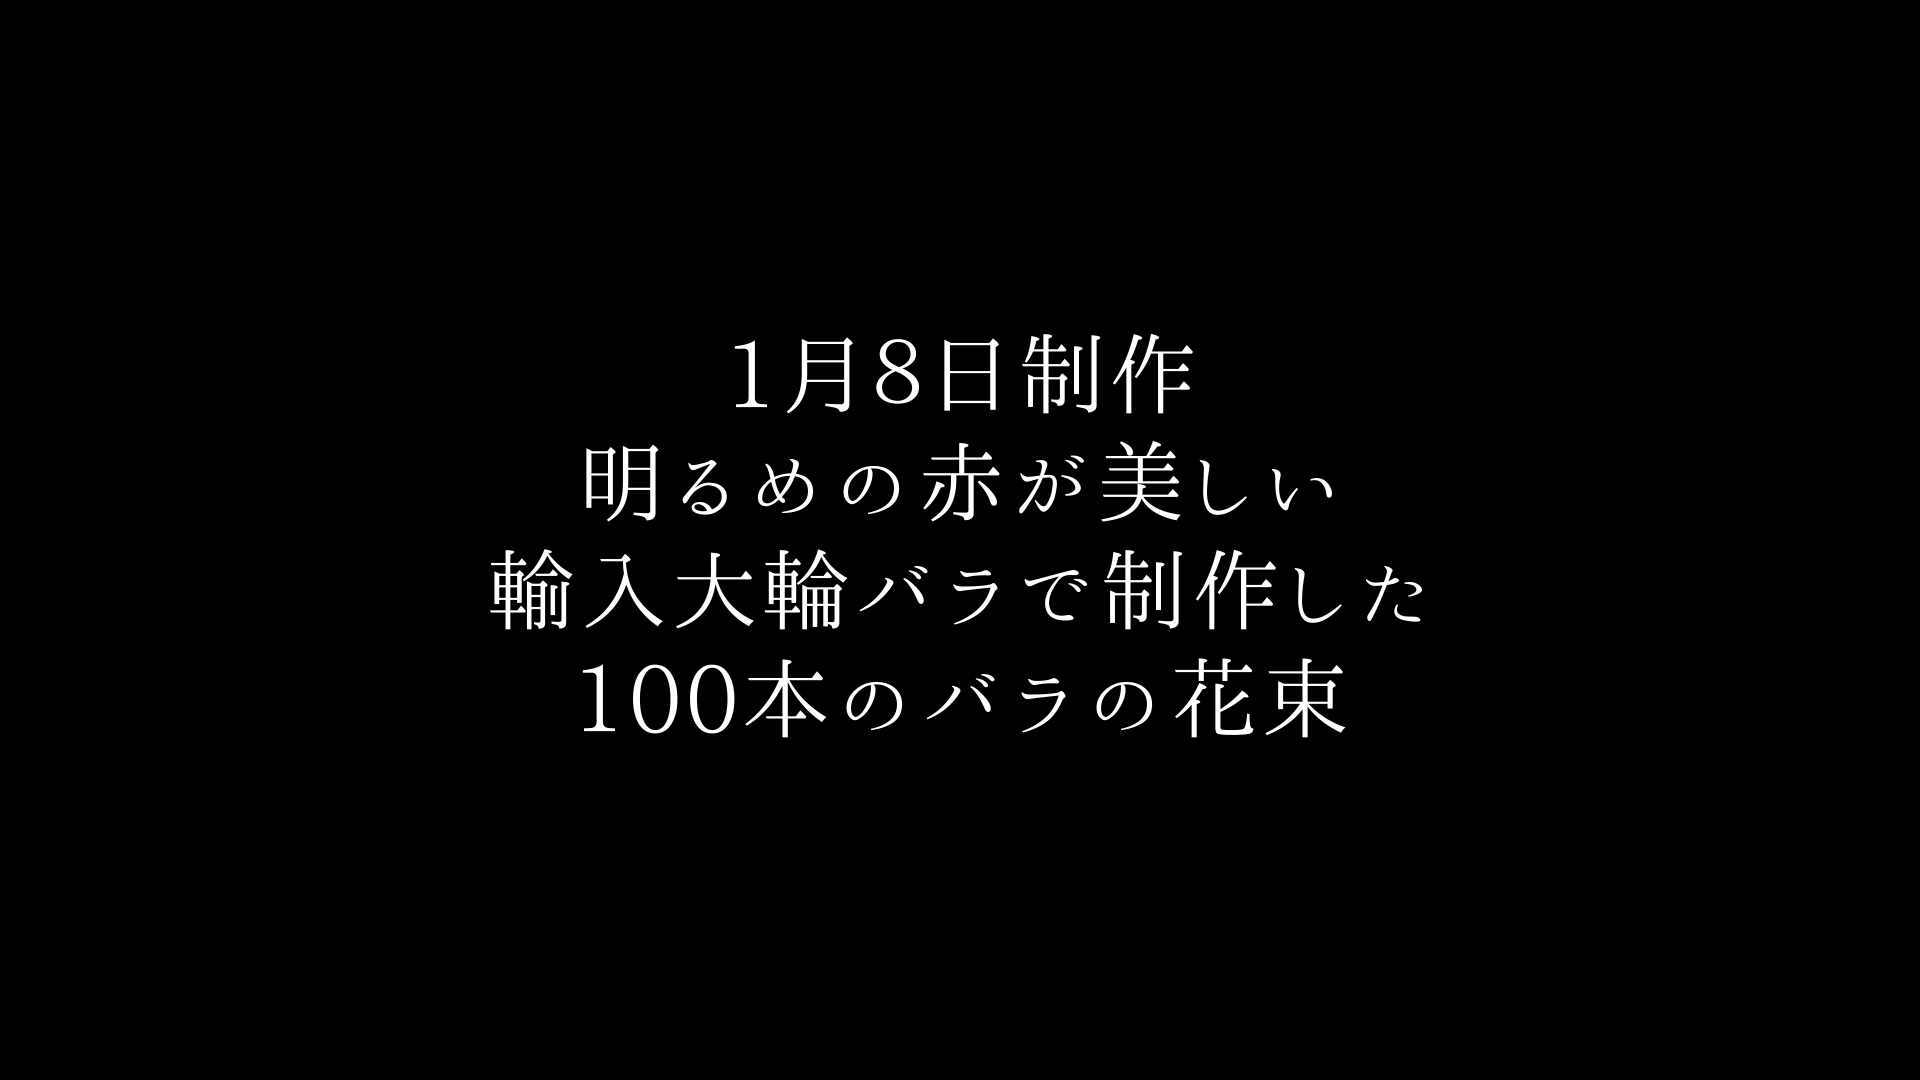 国内最高級バラ100本の花束制作動画 2021.01.08撮影